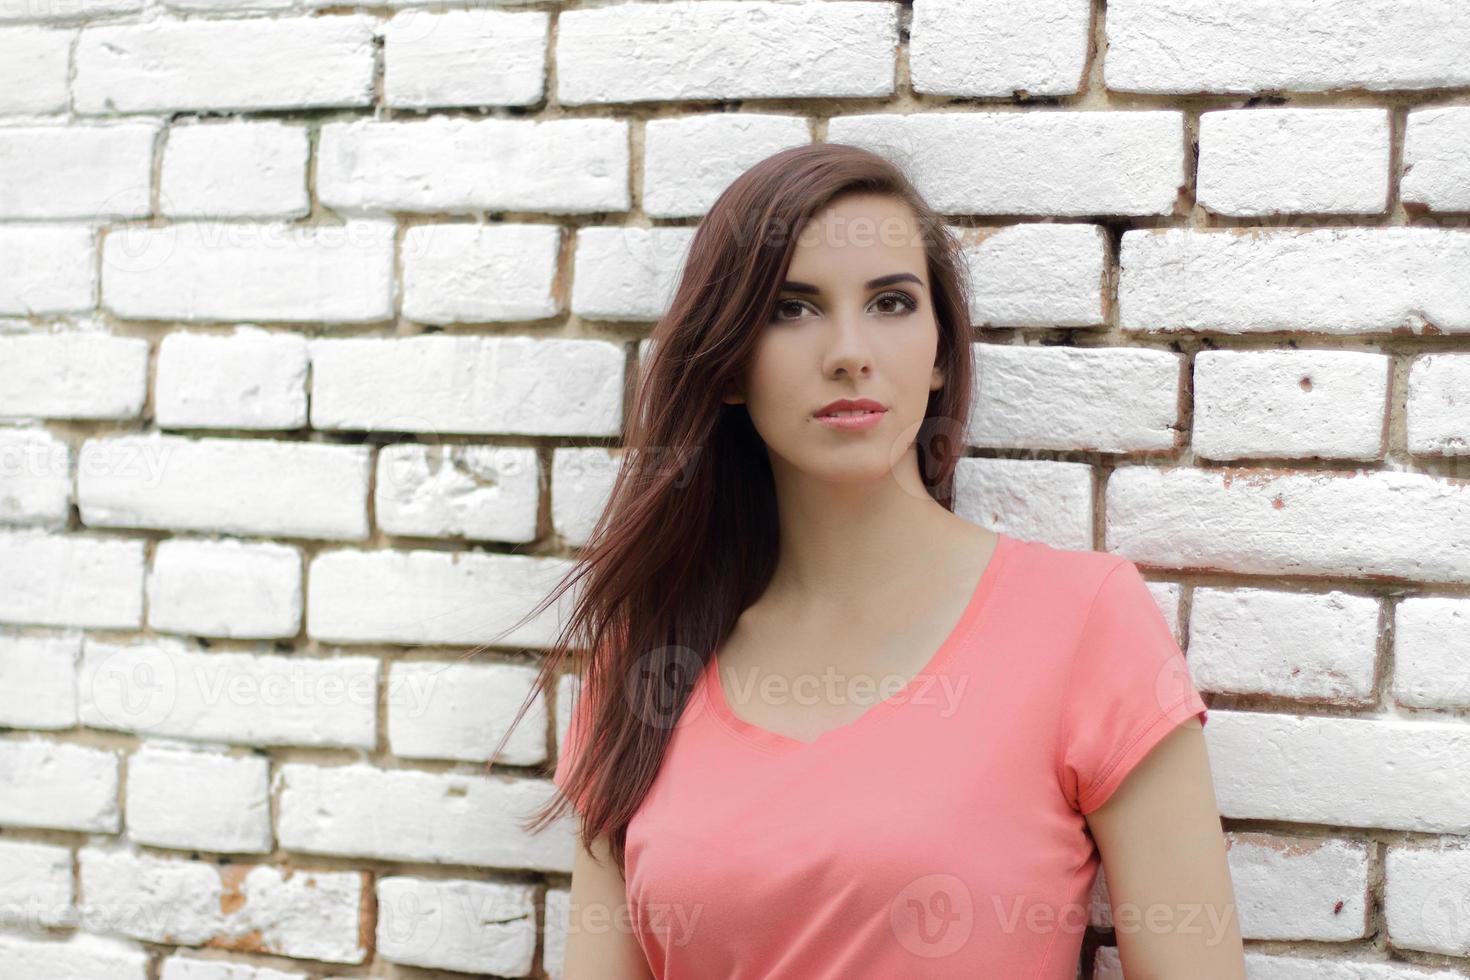 femme contre un mur de briques blanches photo